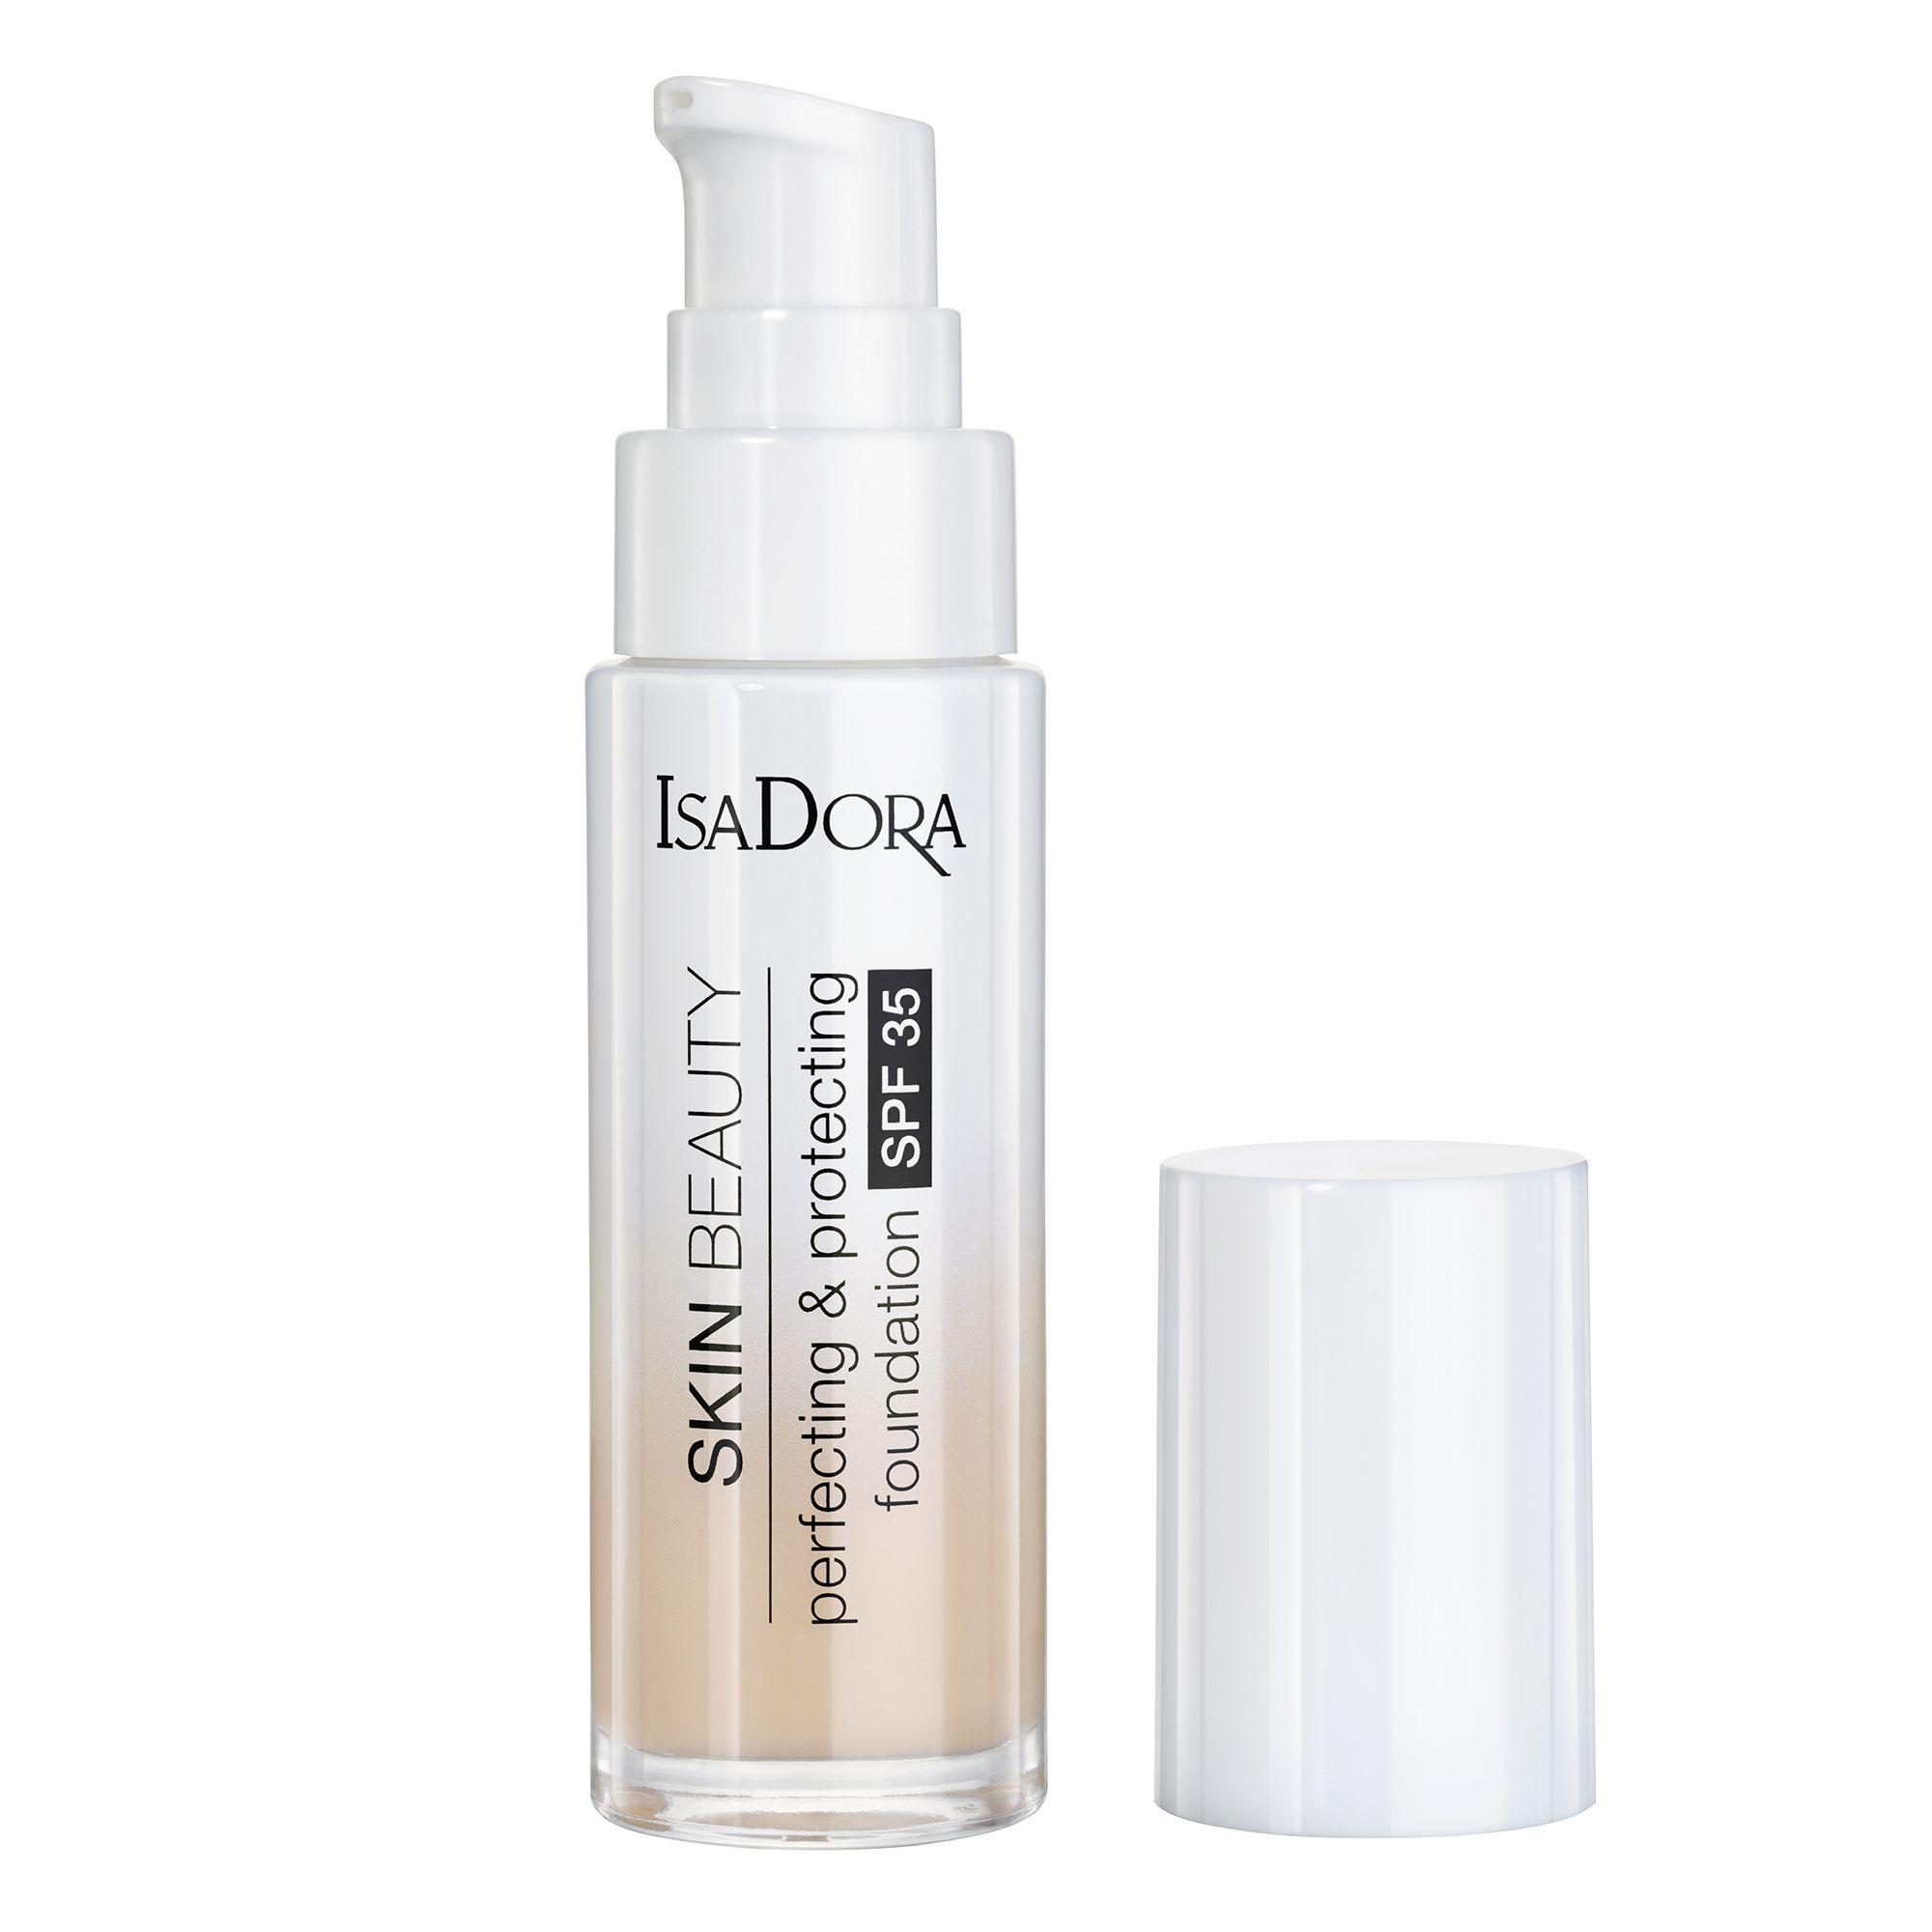 IsaDora Skin beauty, alapozó, makeup, powder, tinted cream, színezett krém, smink, púder, rúzs és más, isadora, újdonság